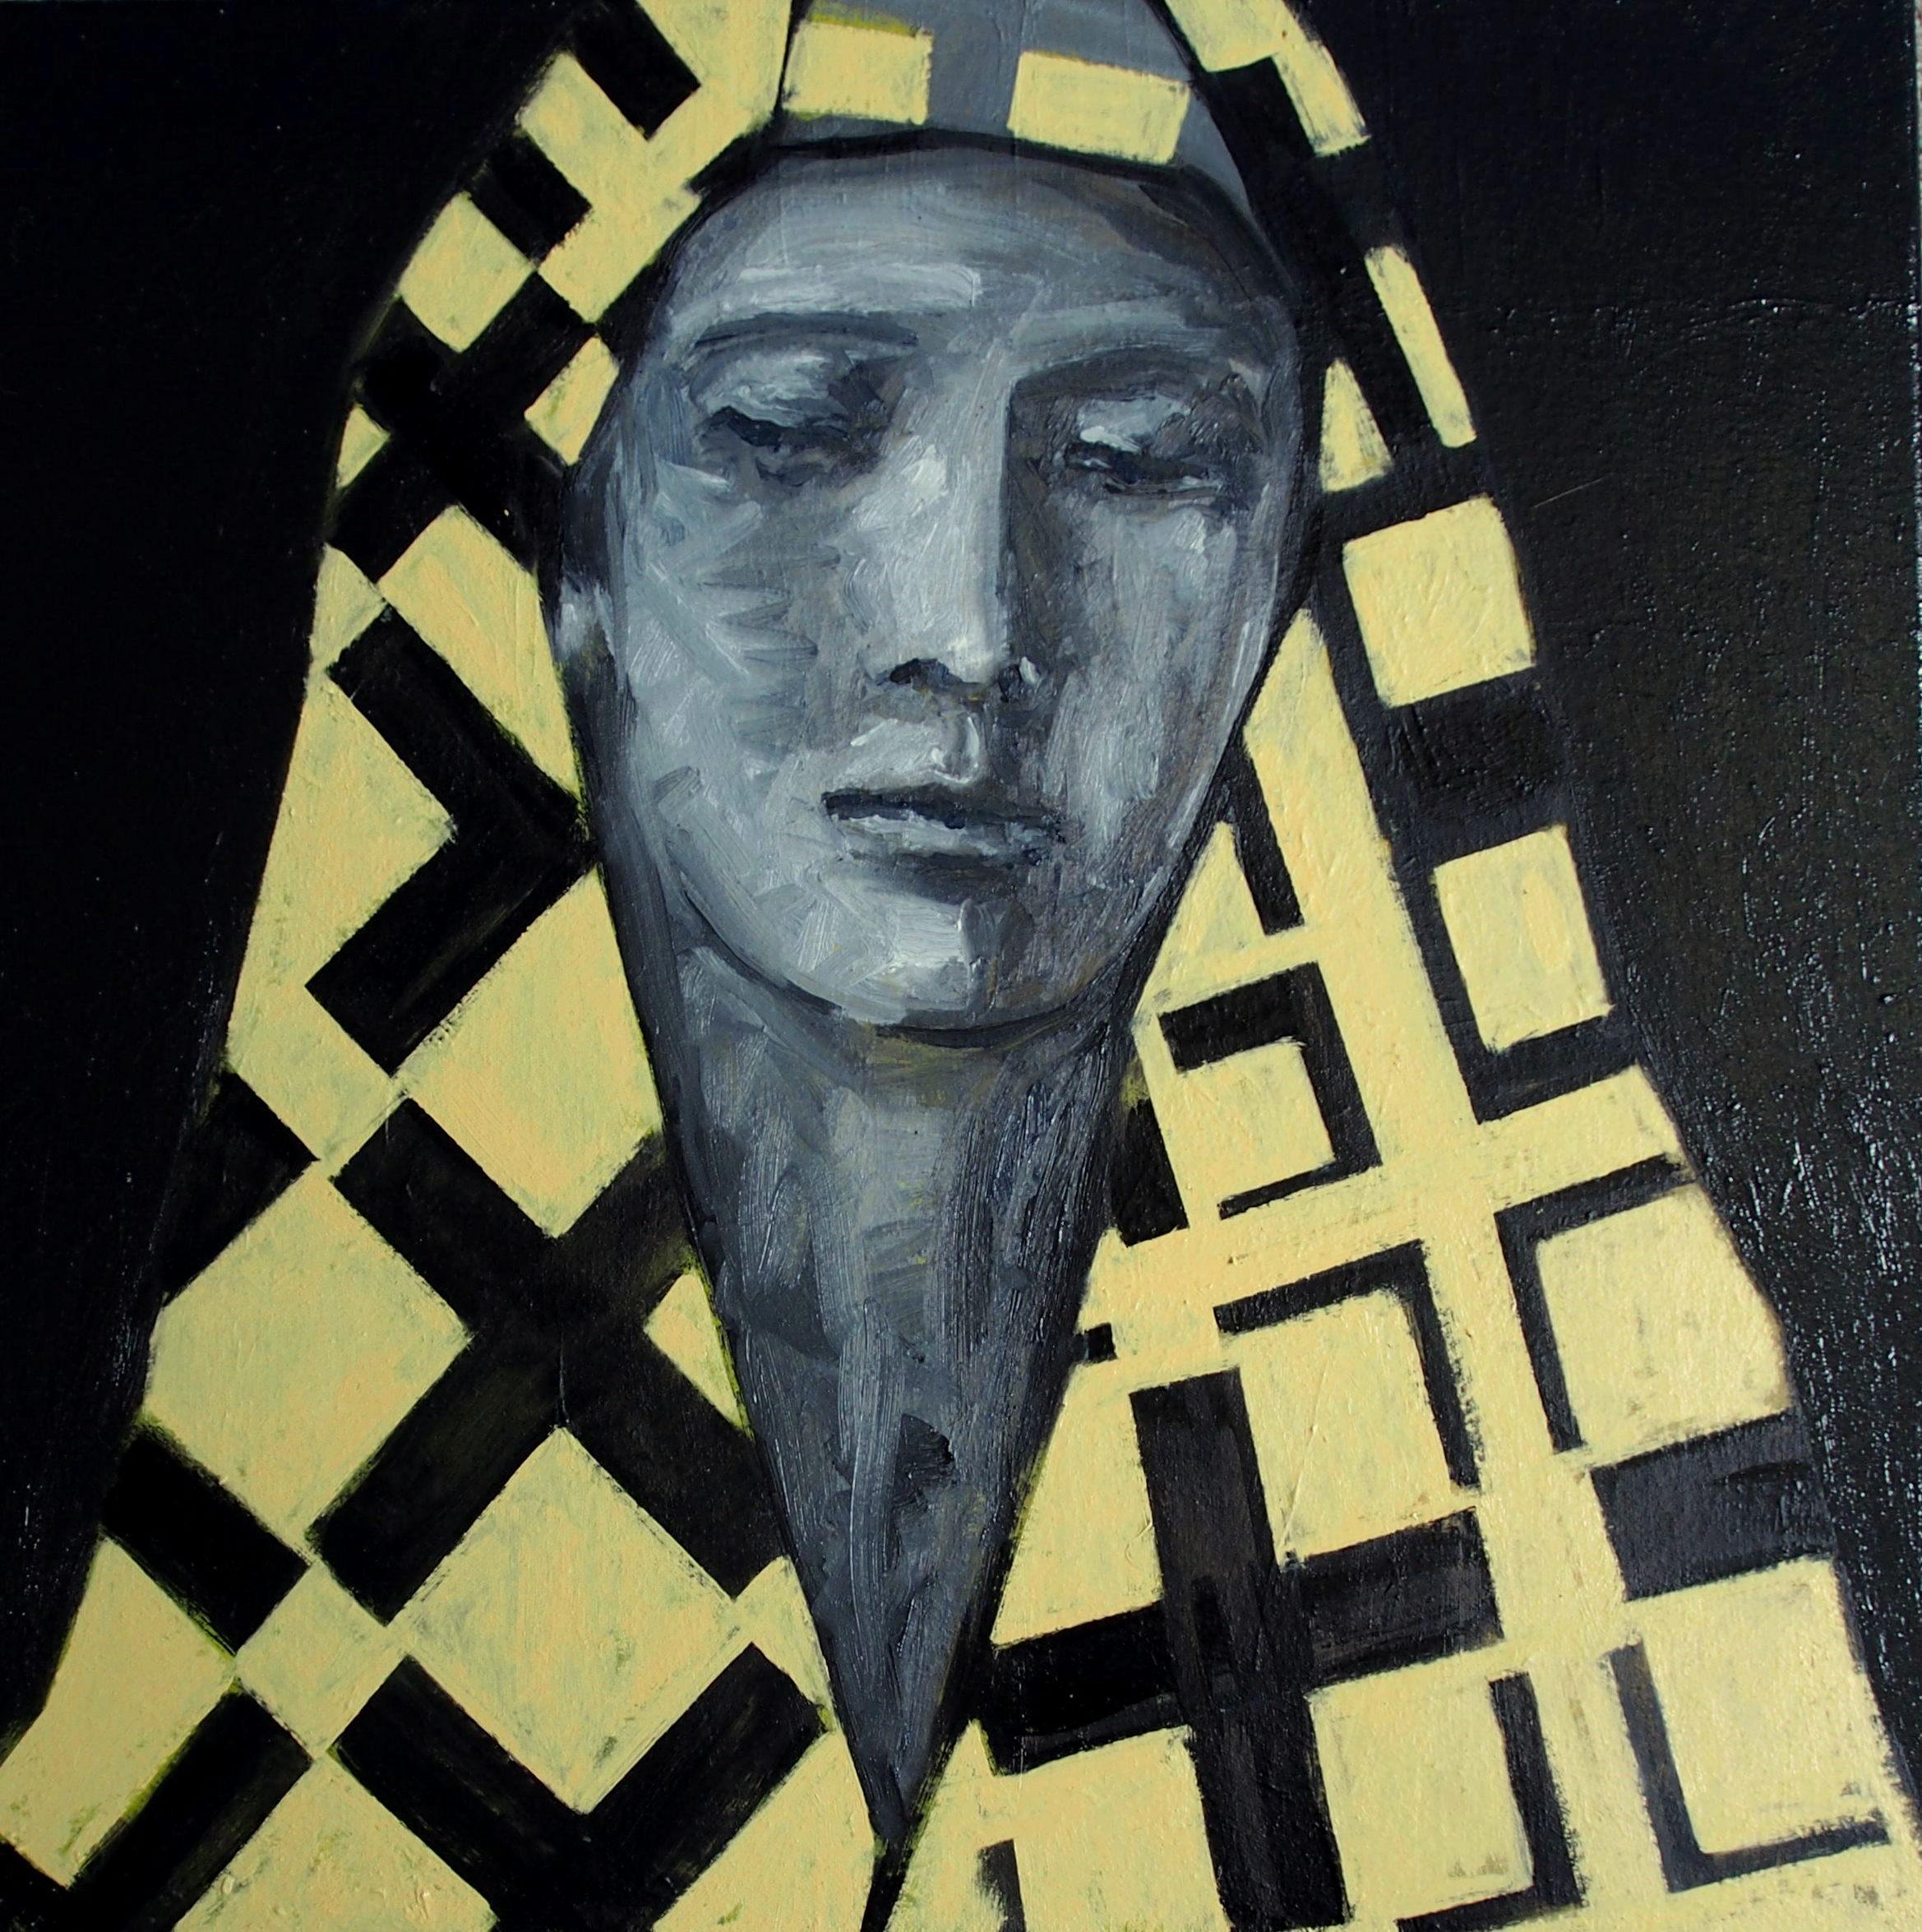 Kintsukuroi,  2013 Oil on linen 51 x 51 cm